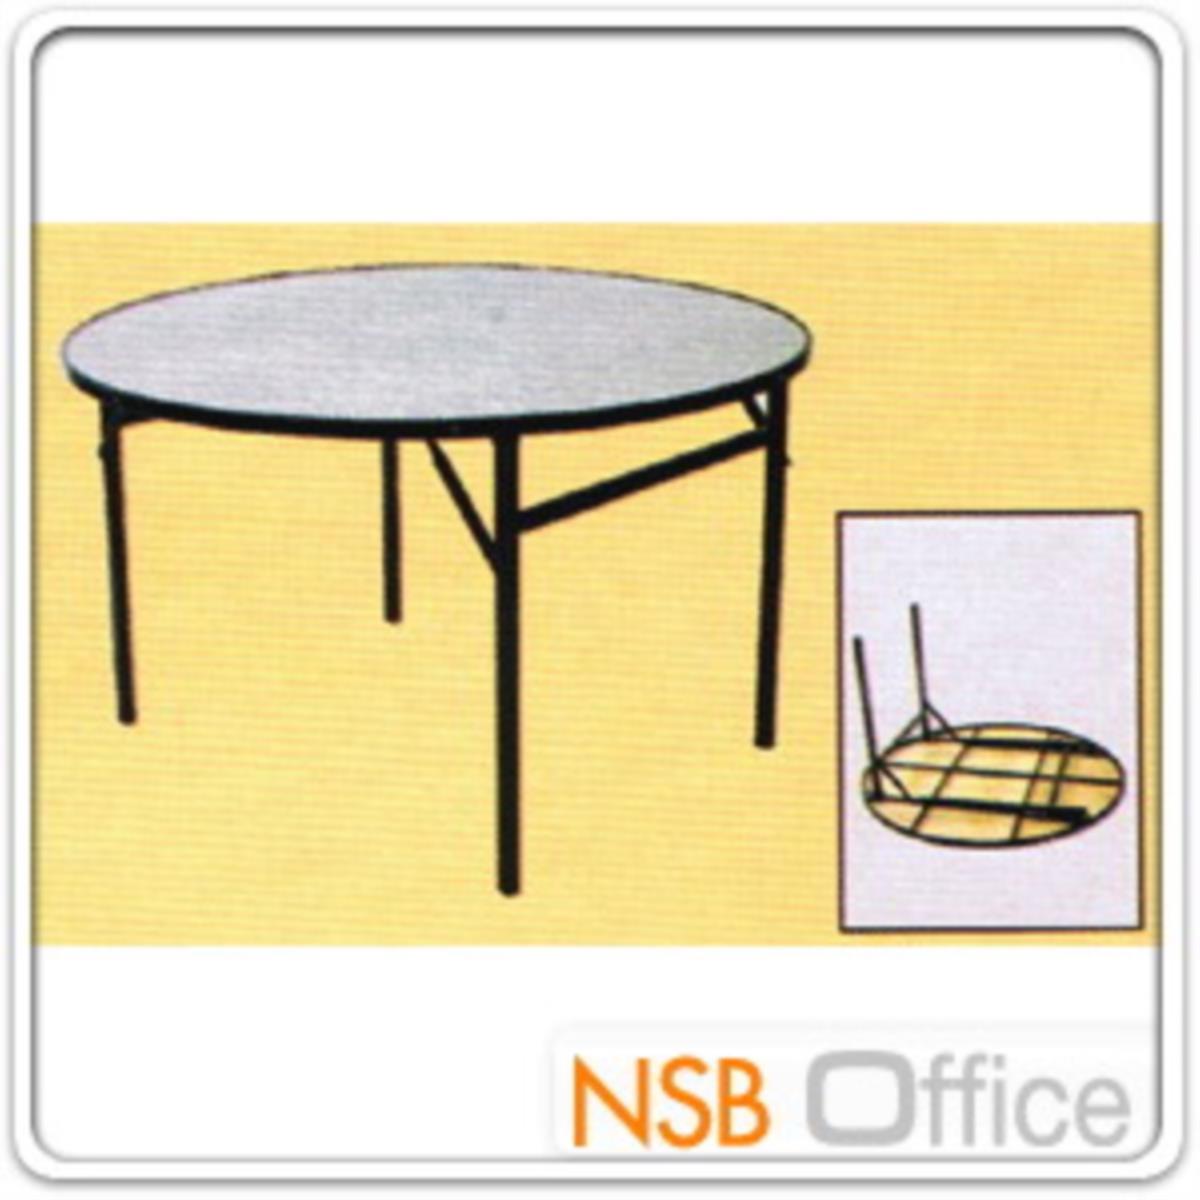 โต๊ะพับหน้าไม้   ขนาด 121.5Di cm.  ขาซ่อน 4 ฟุต